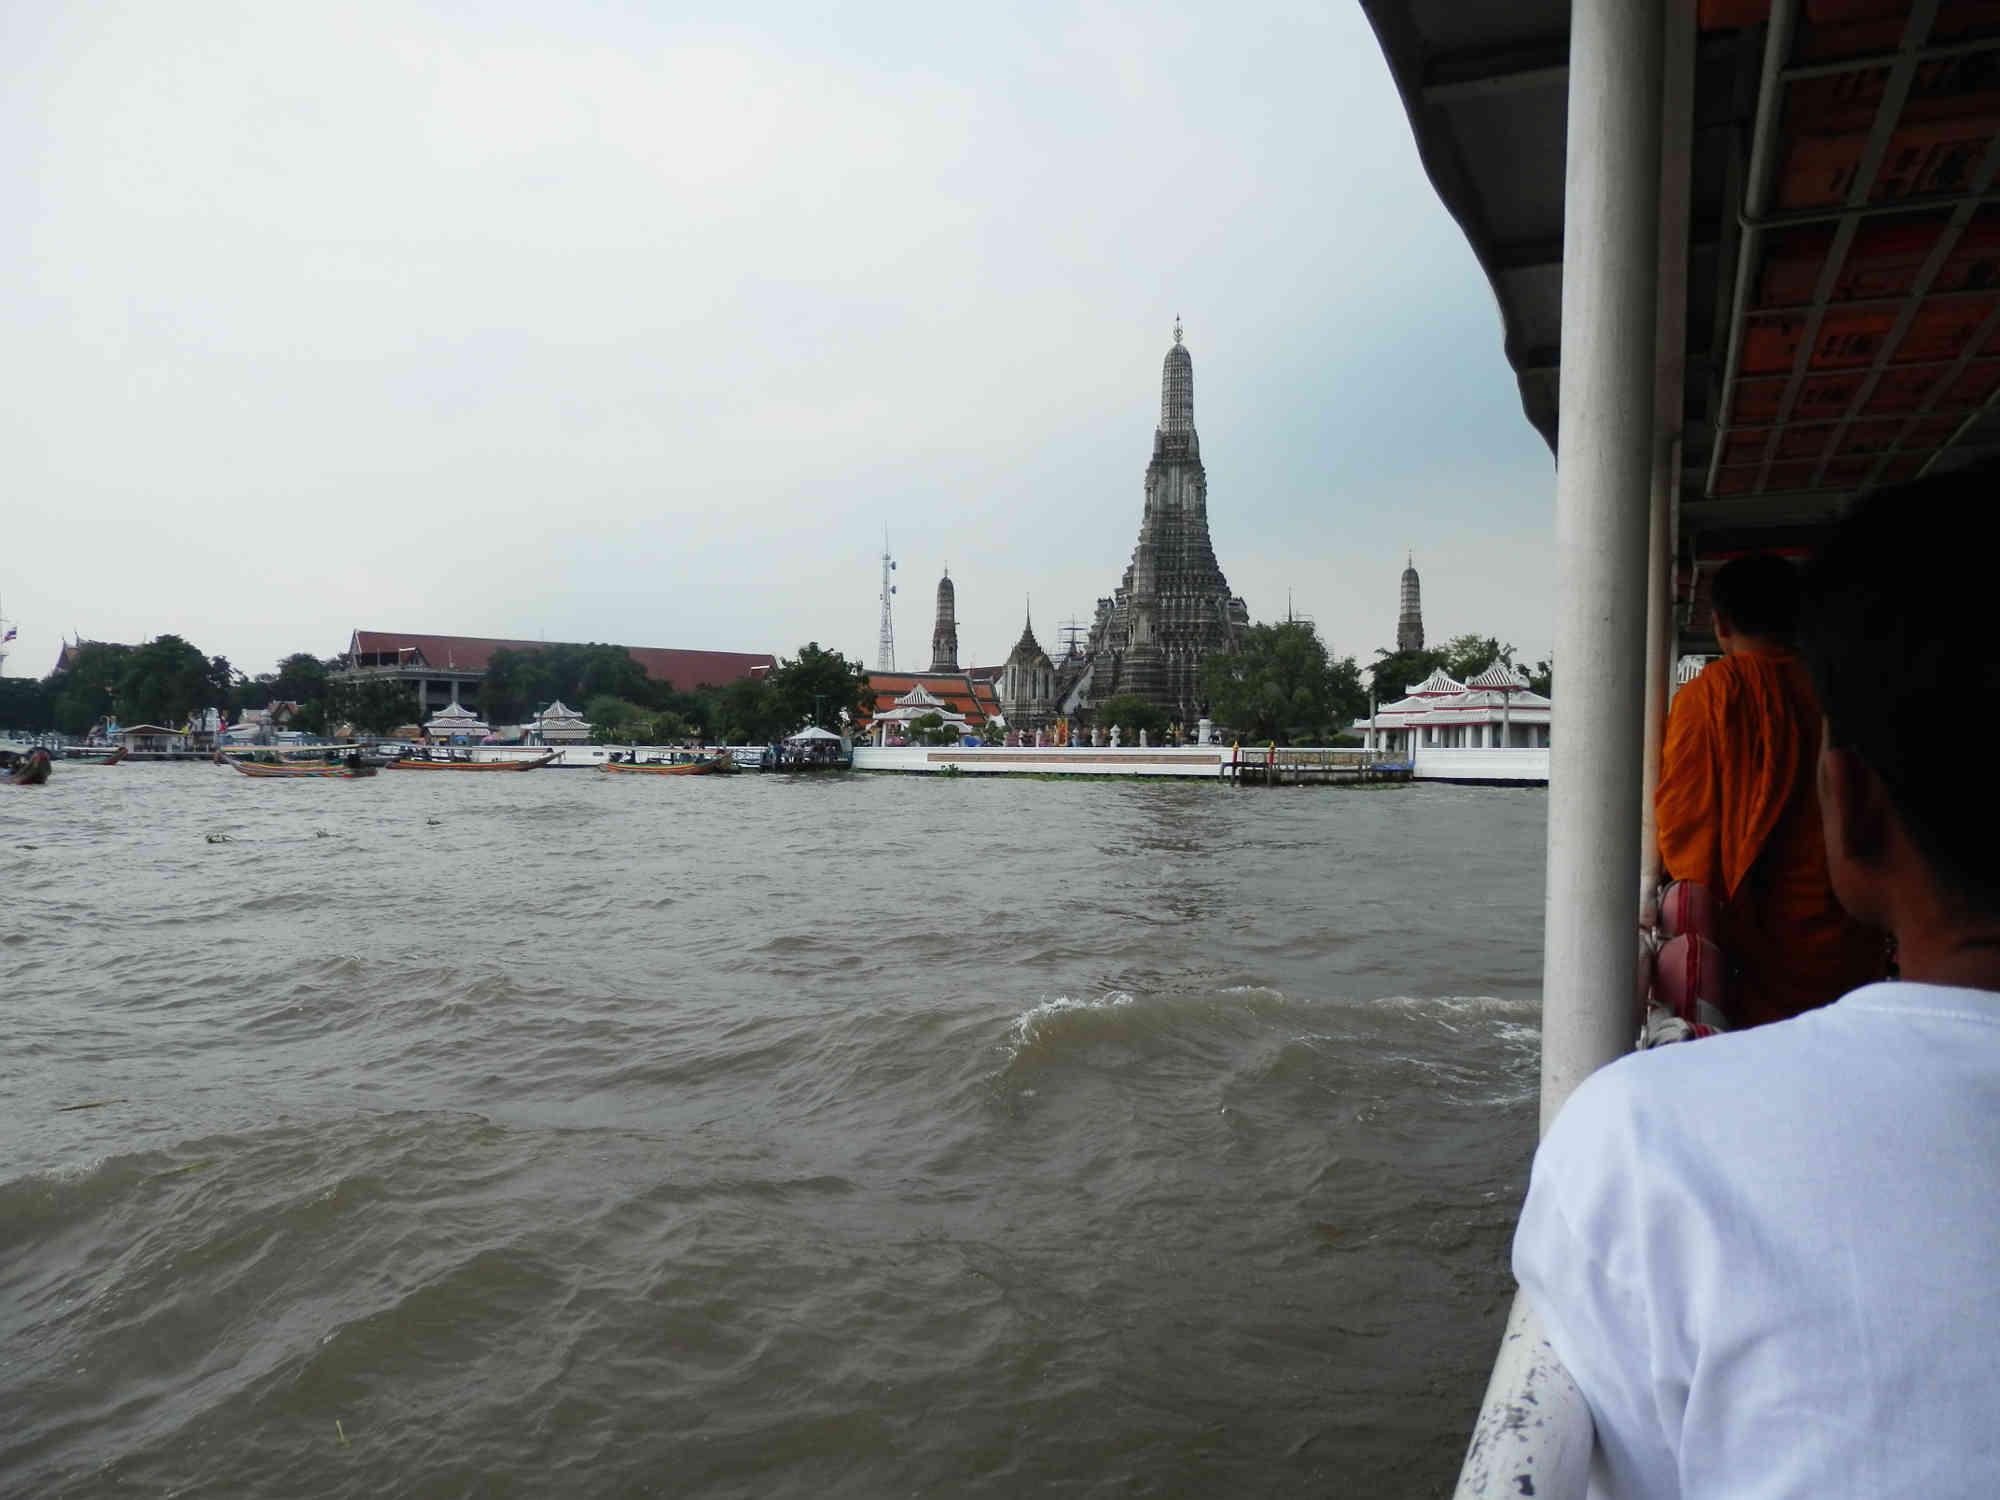 チャオプラヤー川 渡し船